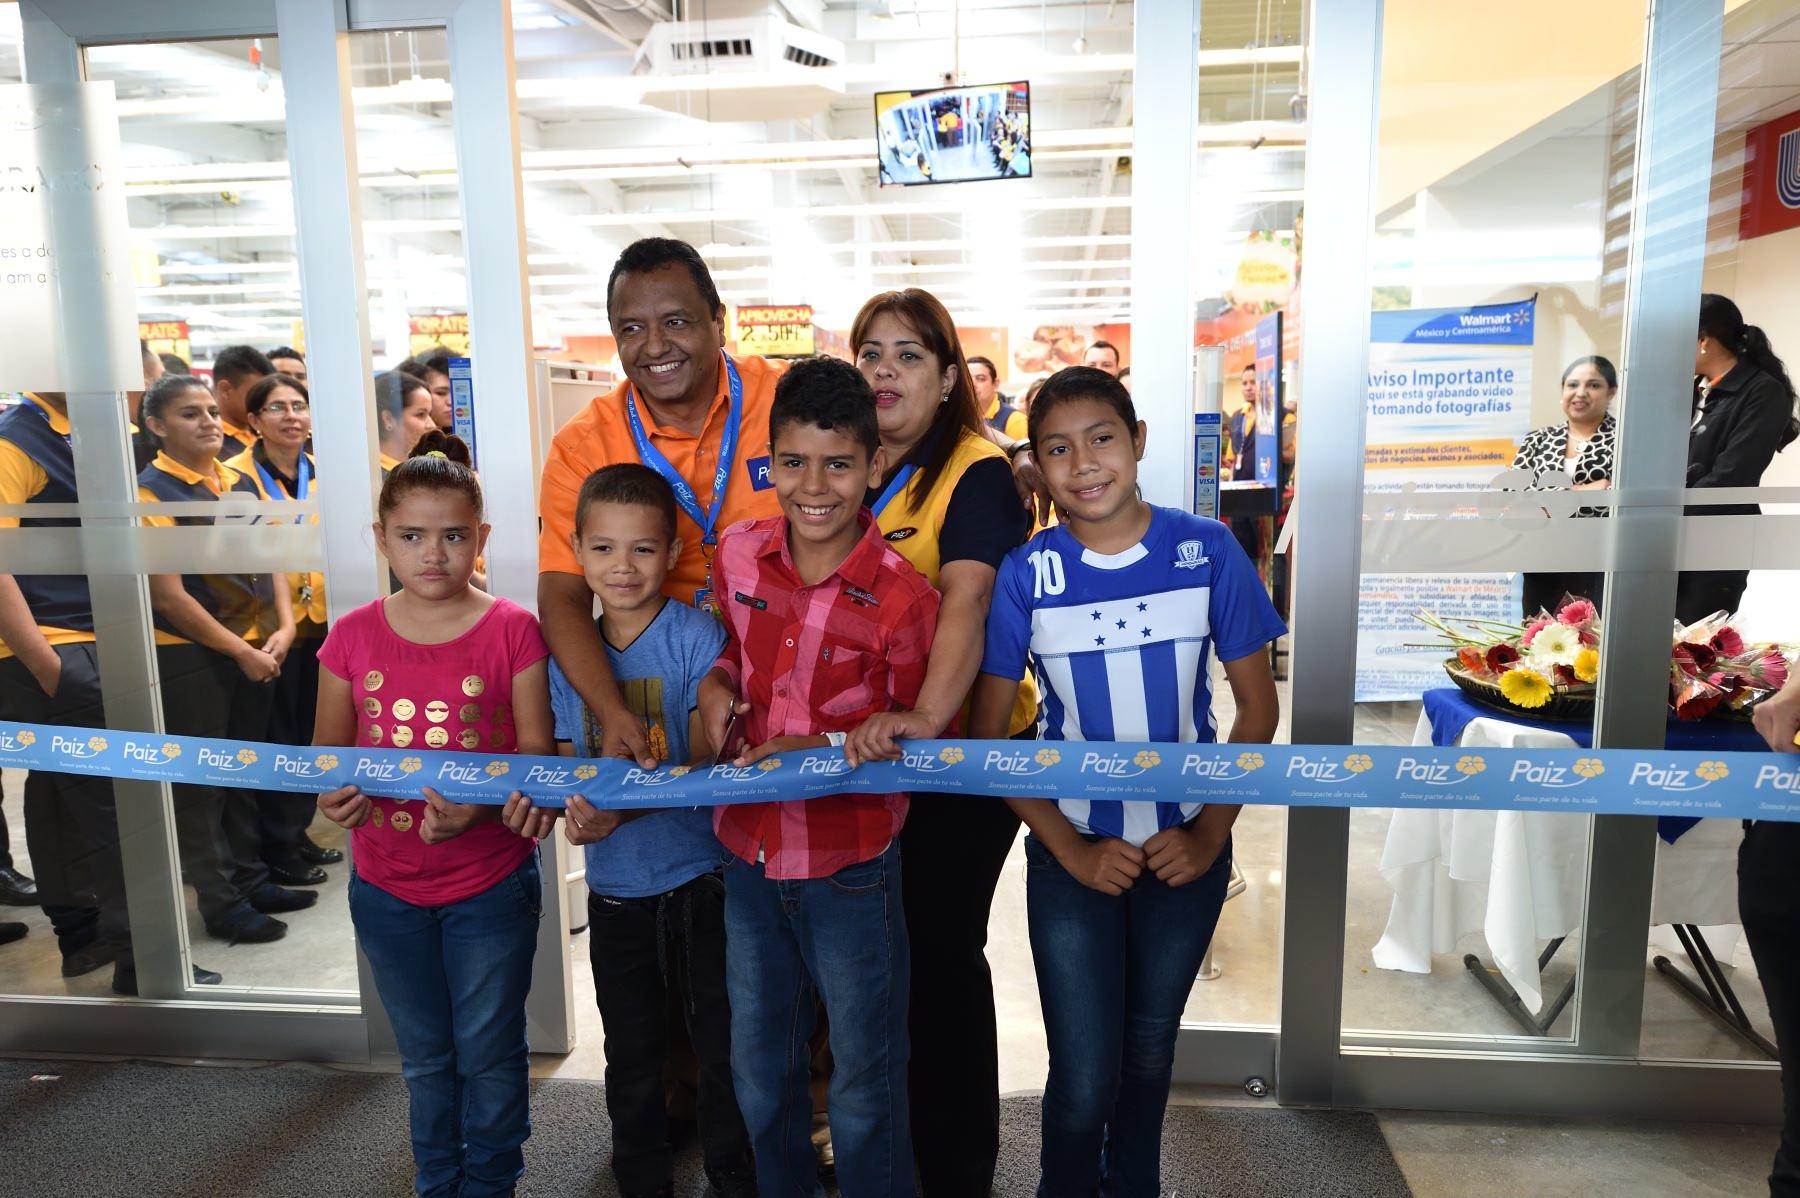 Corte de cinta de Paiz América en Honduras